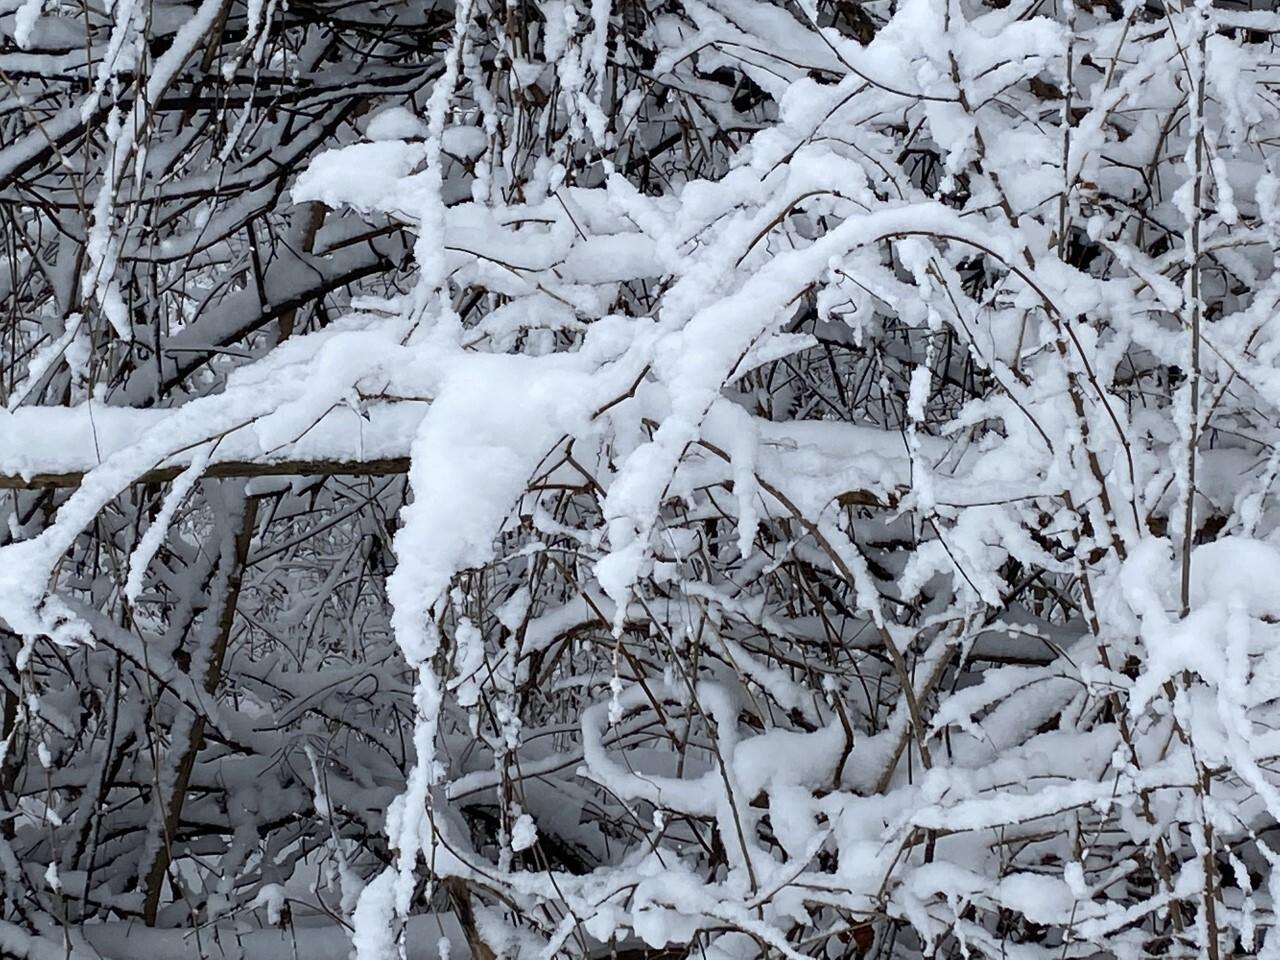 snow on trees.jpg